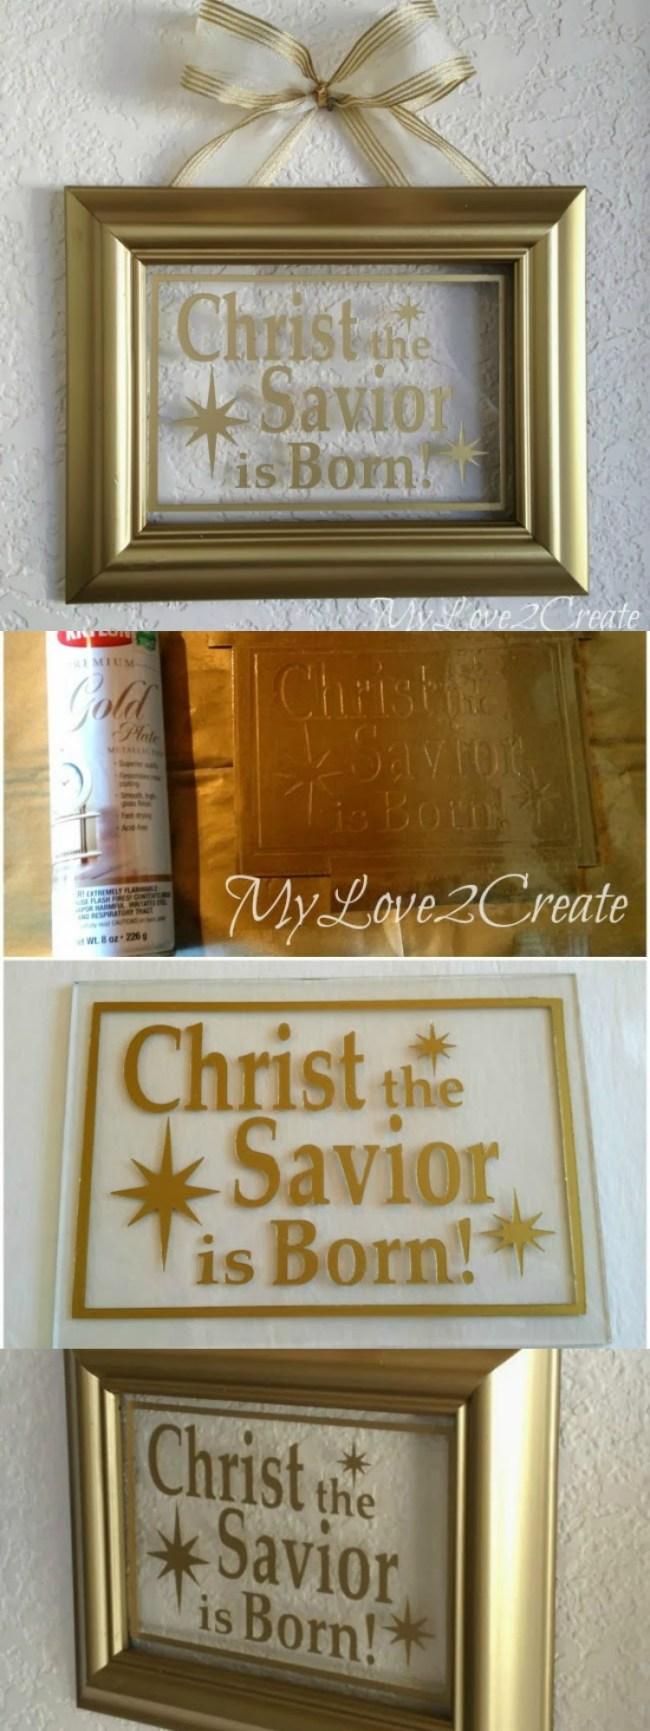 Christ the Savior is Born DIY Christmas Decor     My Love 2 Create for OHMY-CREATIVE.COM